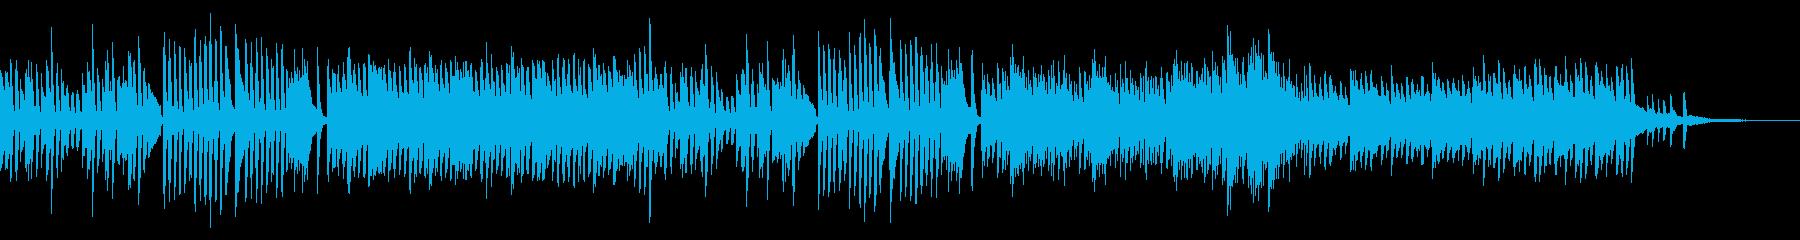 いたずらしているようなピアノ曲の再生済みの波形